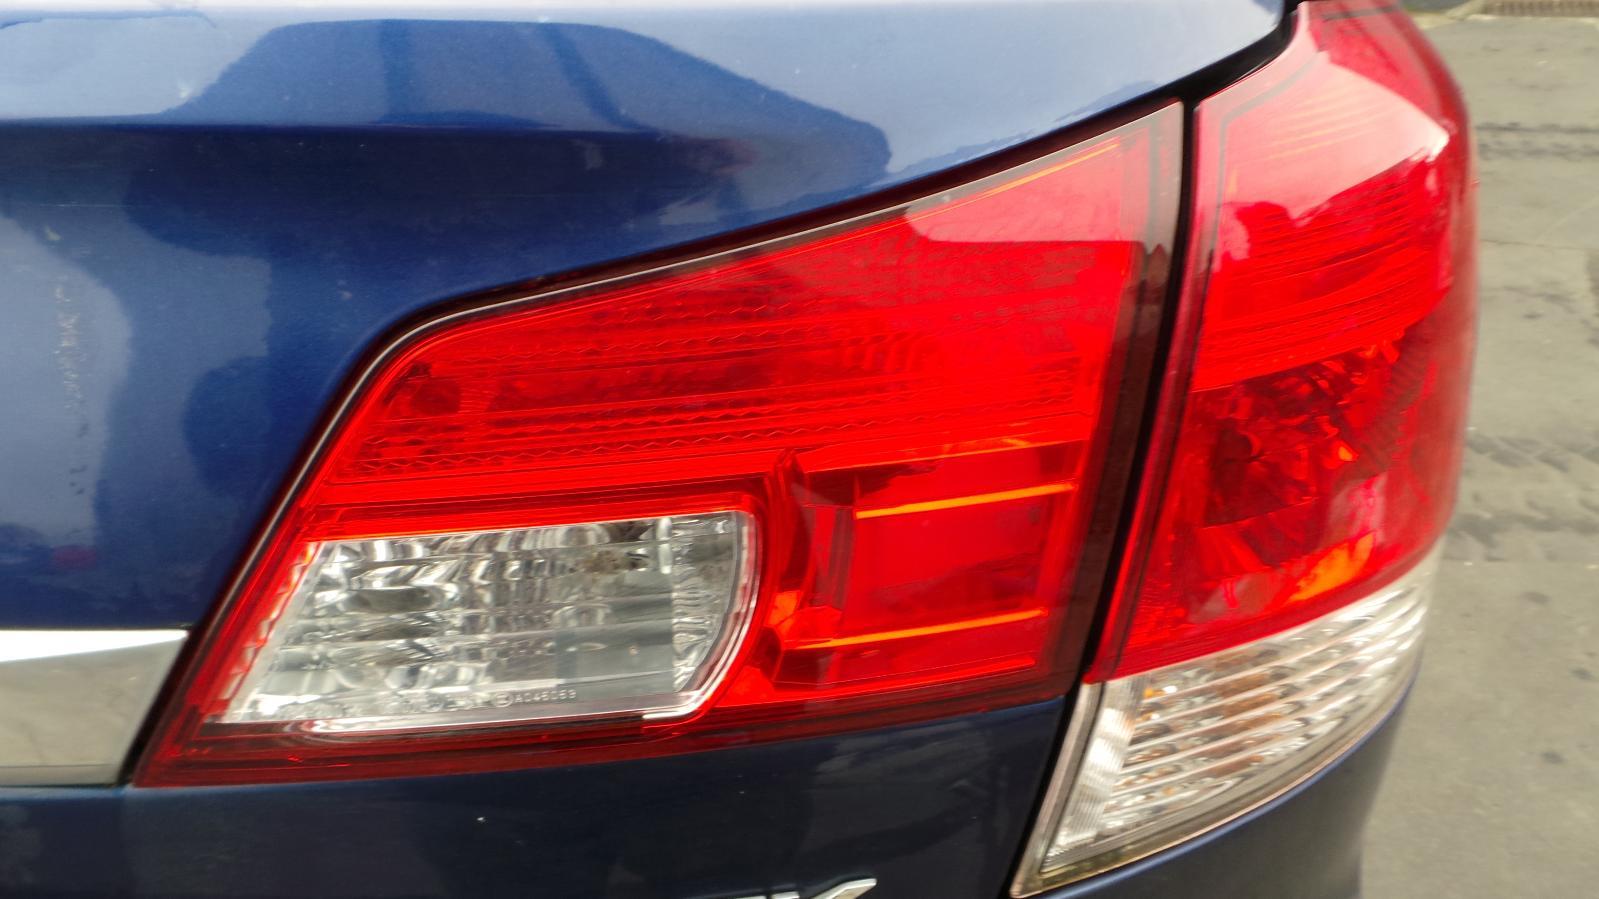 Left Rear Strut Outback Subaru 2013